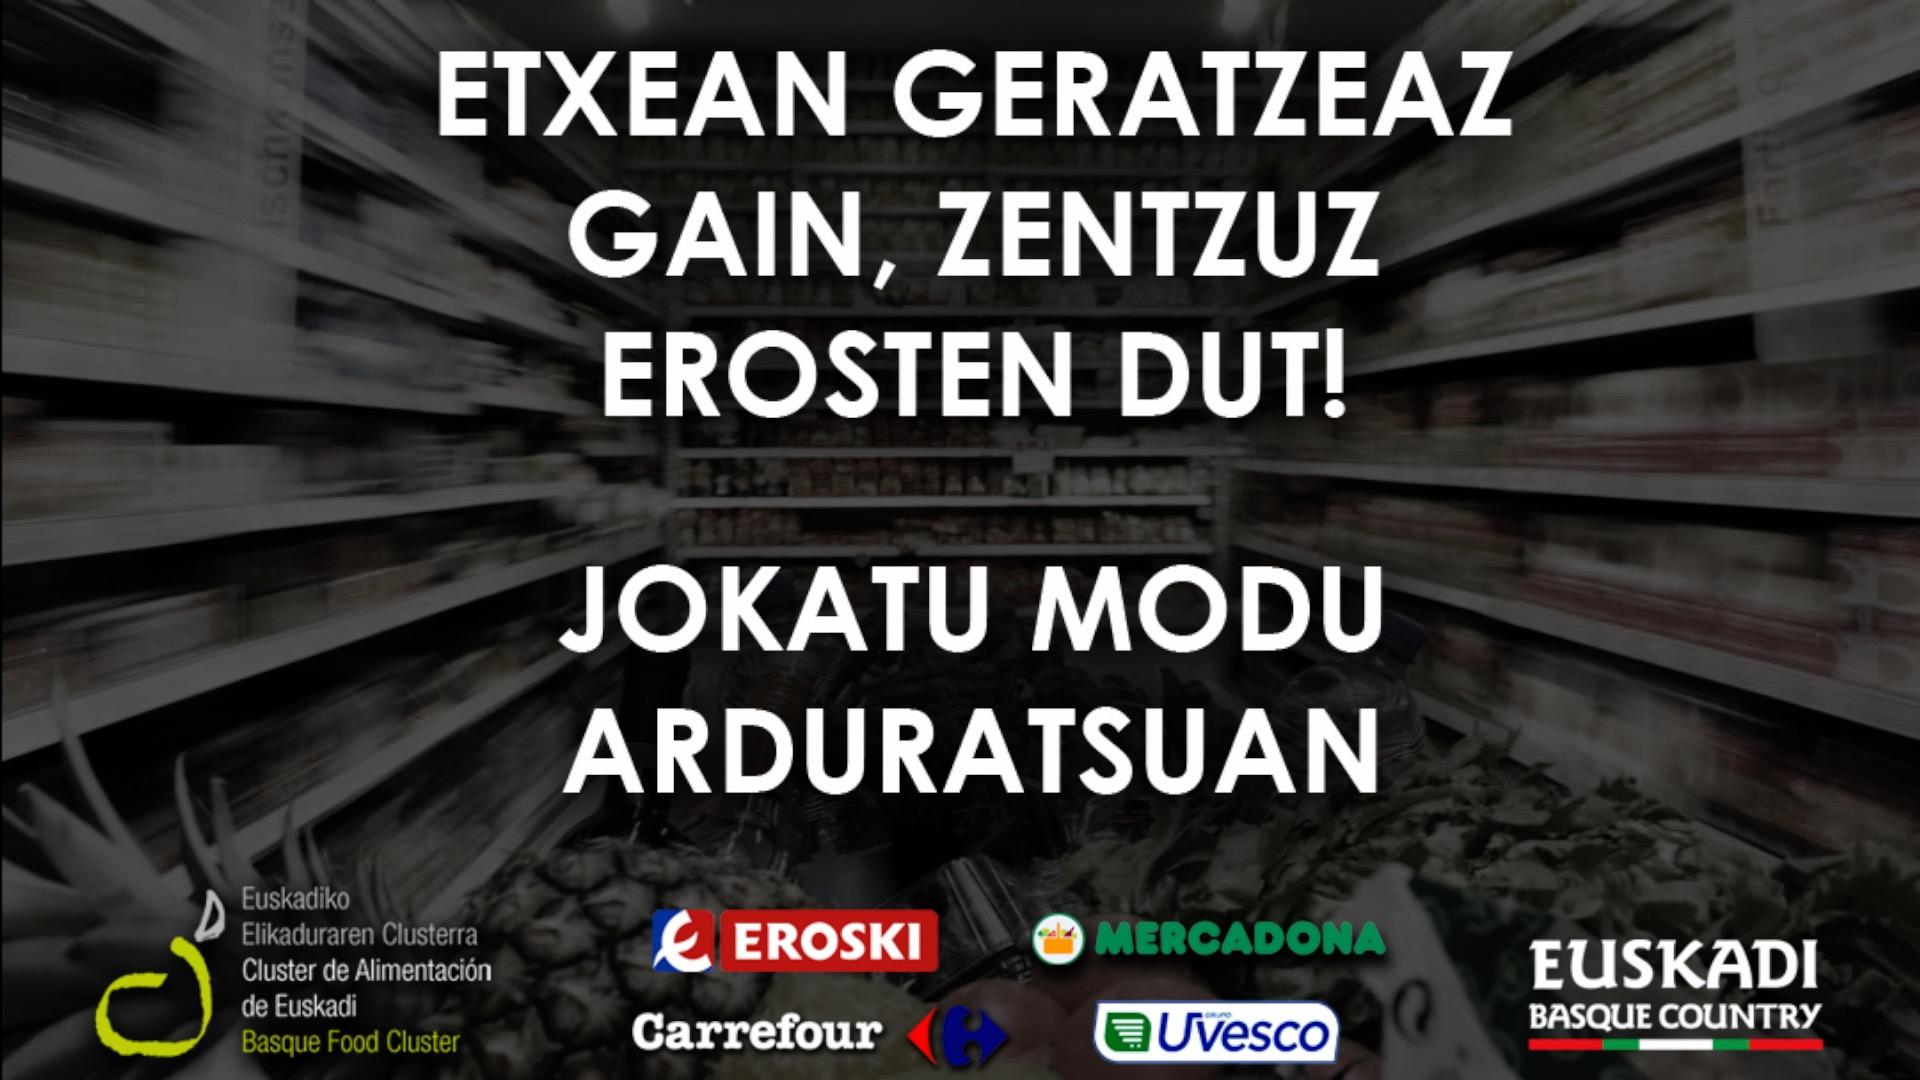 mezua_erosketak_eu.jpg